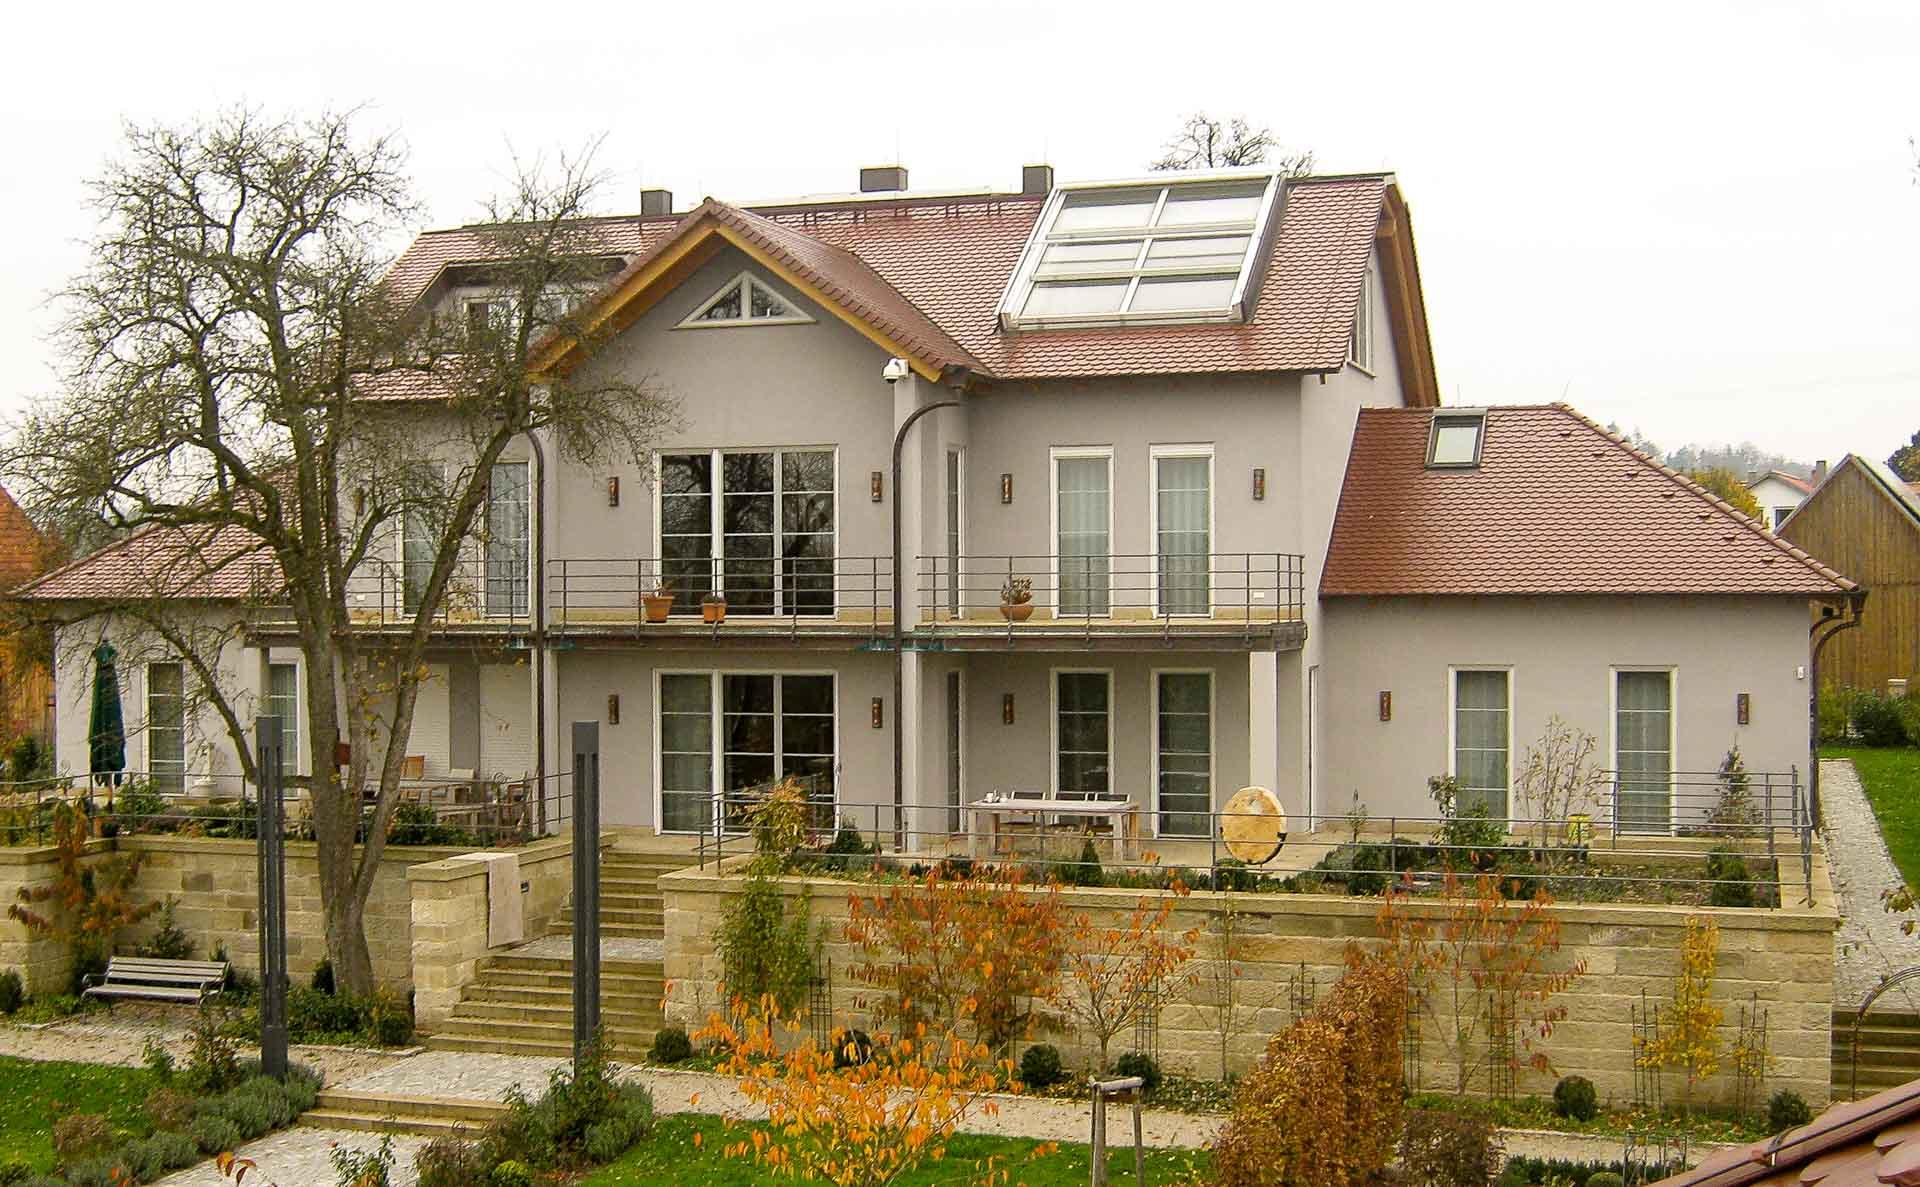 OpenAir Dachschiebefenster in Obersontheim (Objekt 1117). Statt Loggia - Raumgewinn durch OpenAir Dachschiebefenster